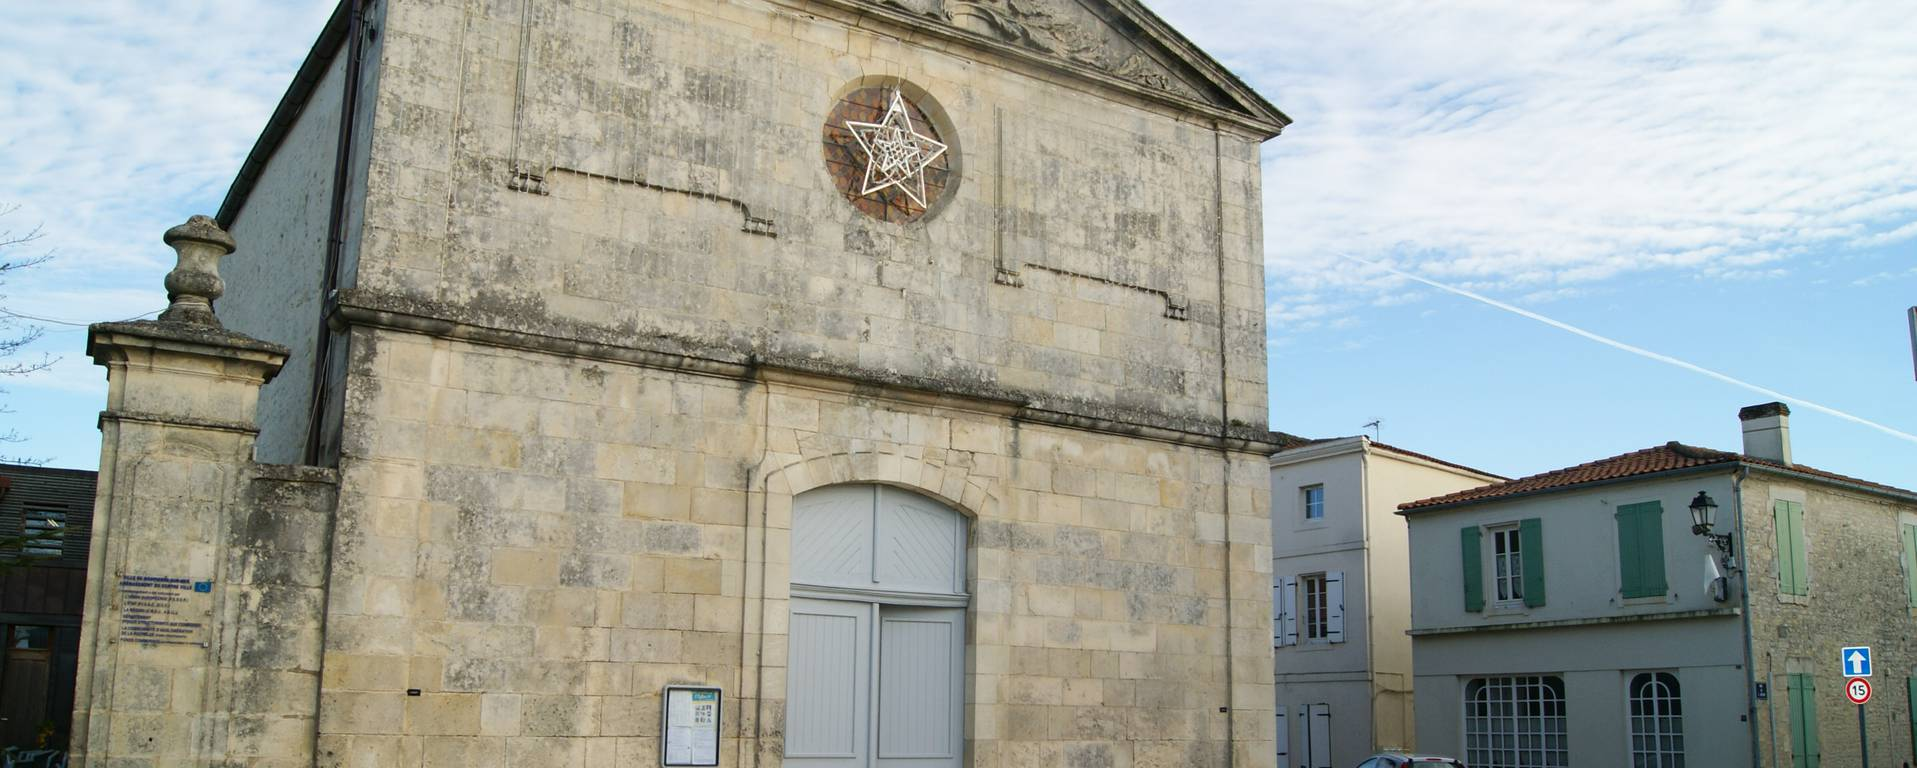 L'église de Dompierre sur Mer